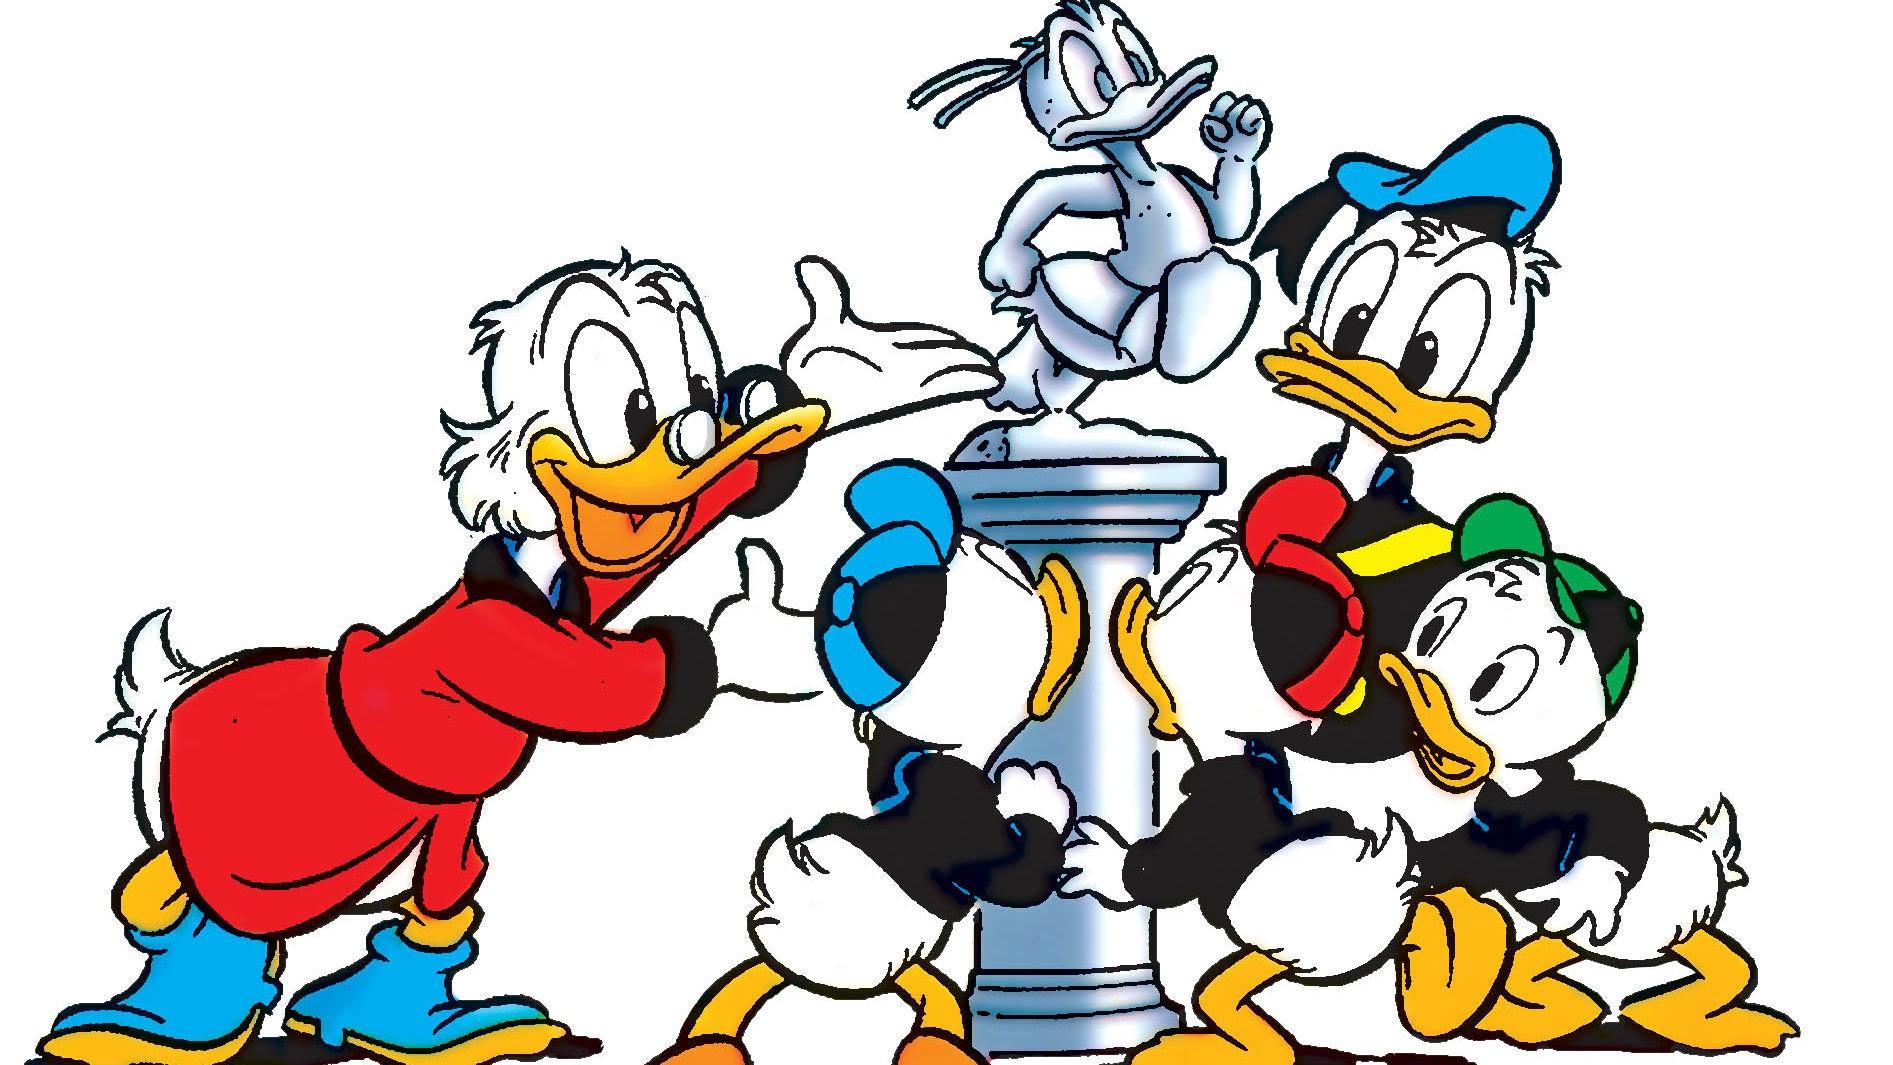 Donald Duck Die Beruhmteste Ente Der Welt Ist 85 Krone At